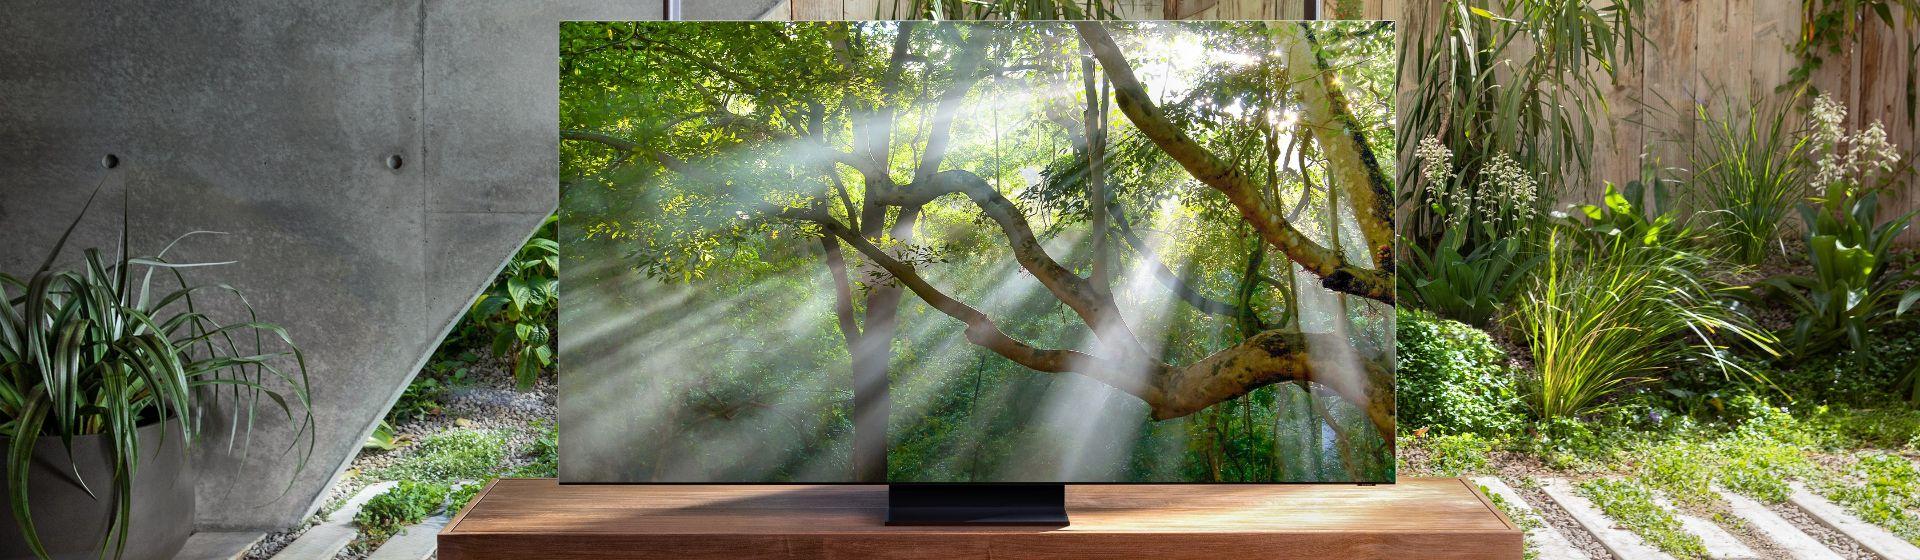 Samsung cùng MediaTek công bố TV 8K QLED đầu tiên trang bị WiFi 6